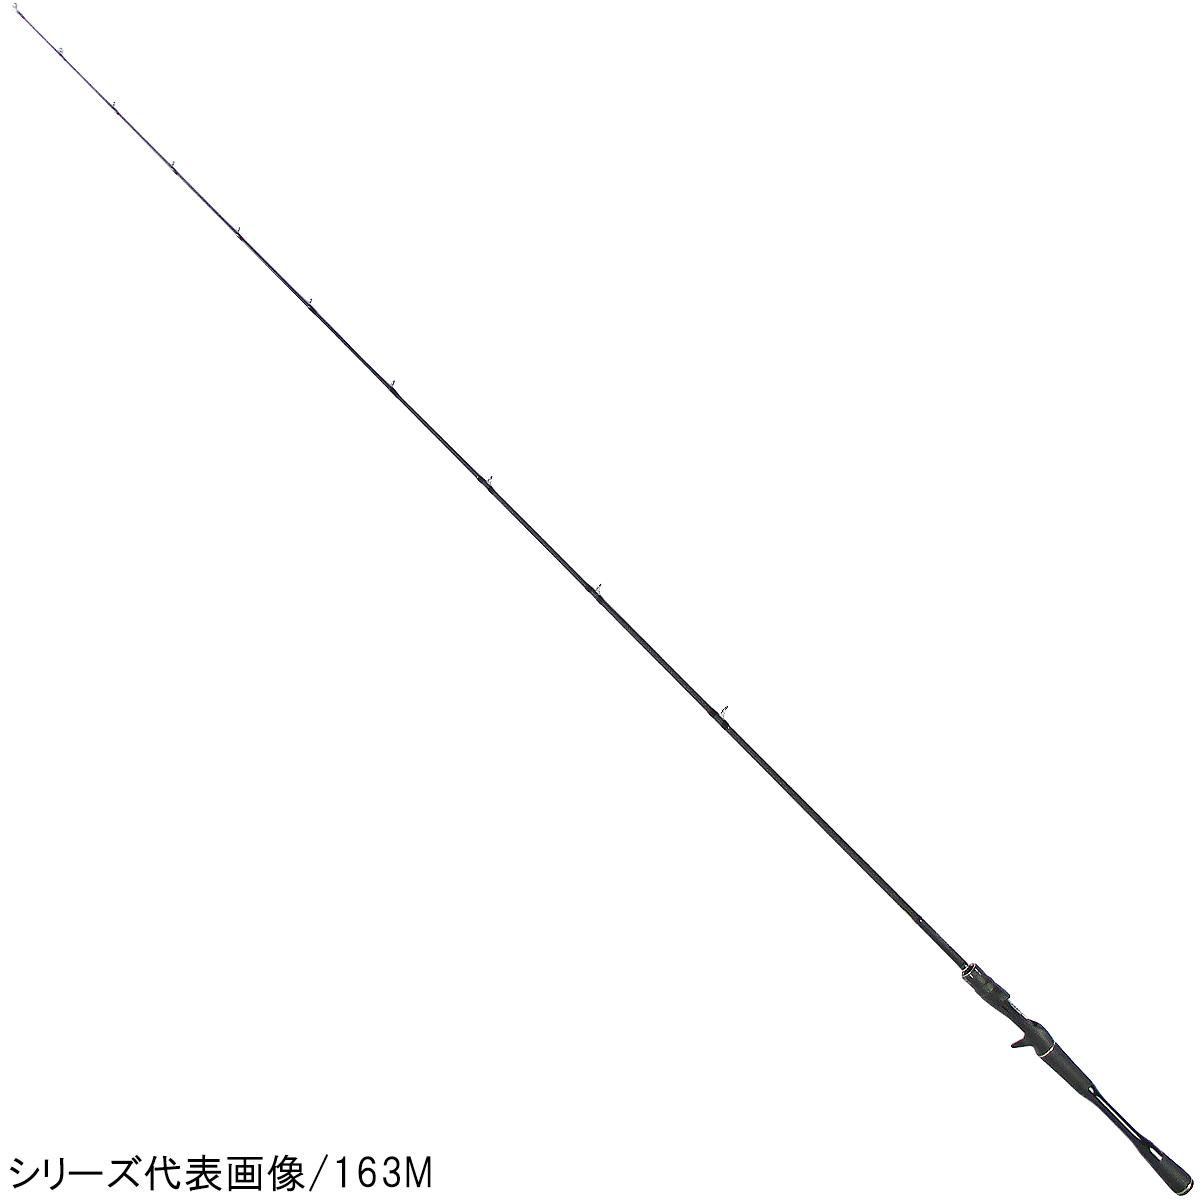 【8月30日エントリーで最大P36倍!】シマノ ポイズンアドレナ (ベイト) 163L-BFS【大型商品】